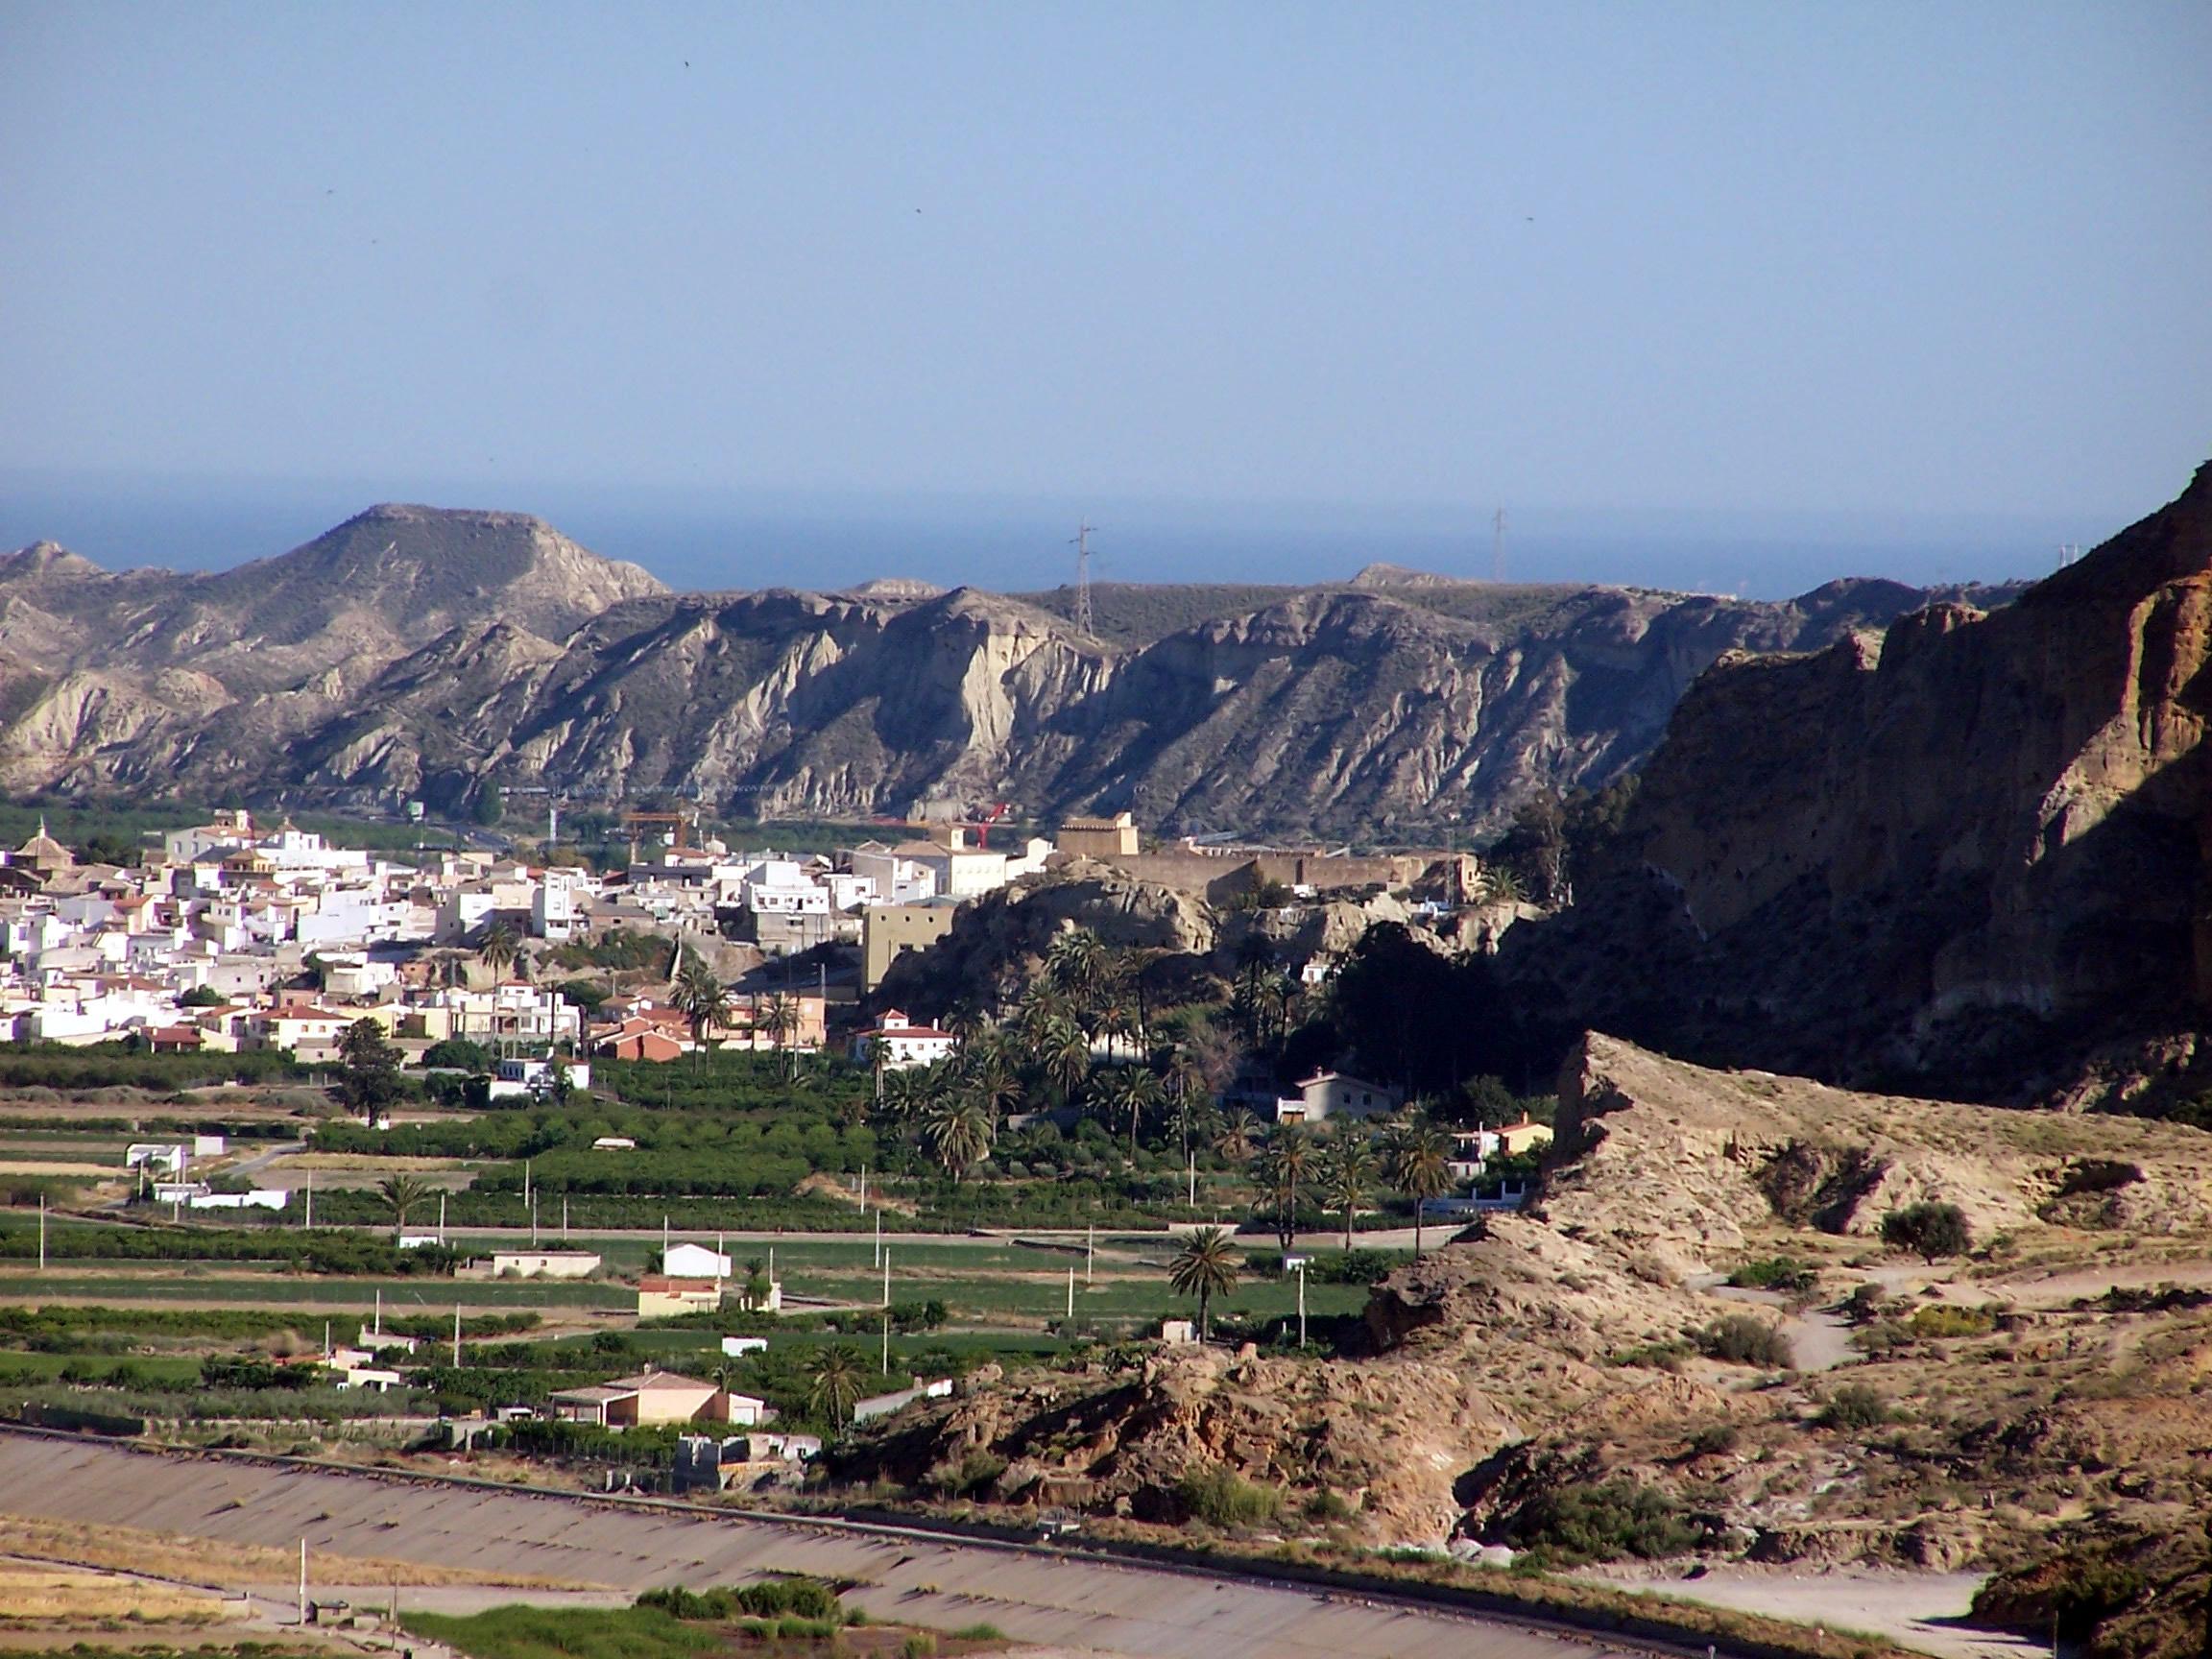 وكادت إسبانيا أن تختفي من الوجود!  Cuevas_Almanzora